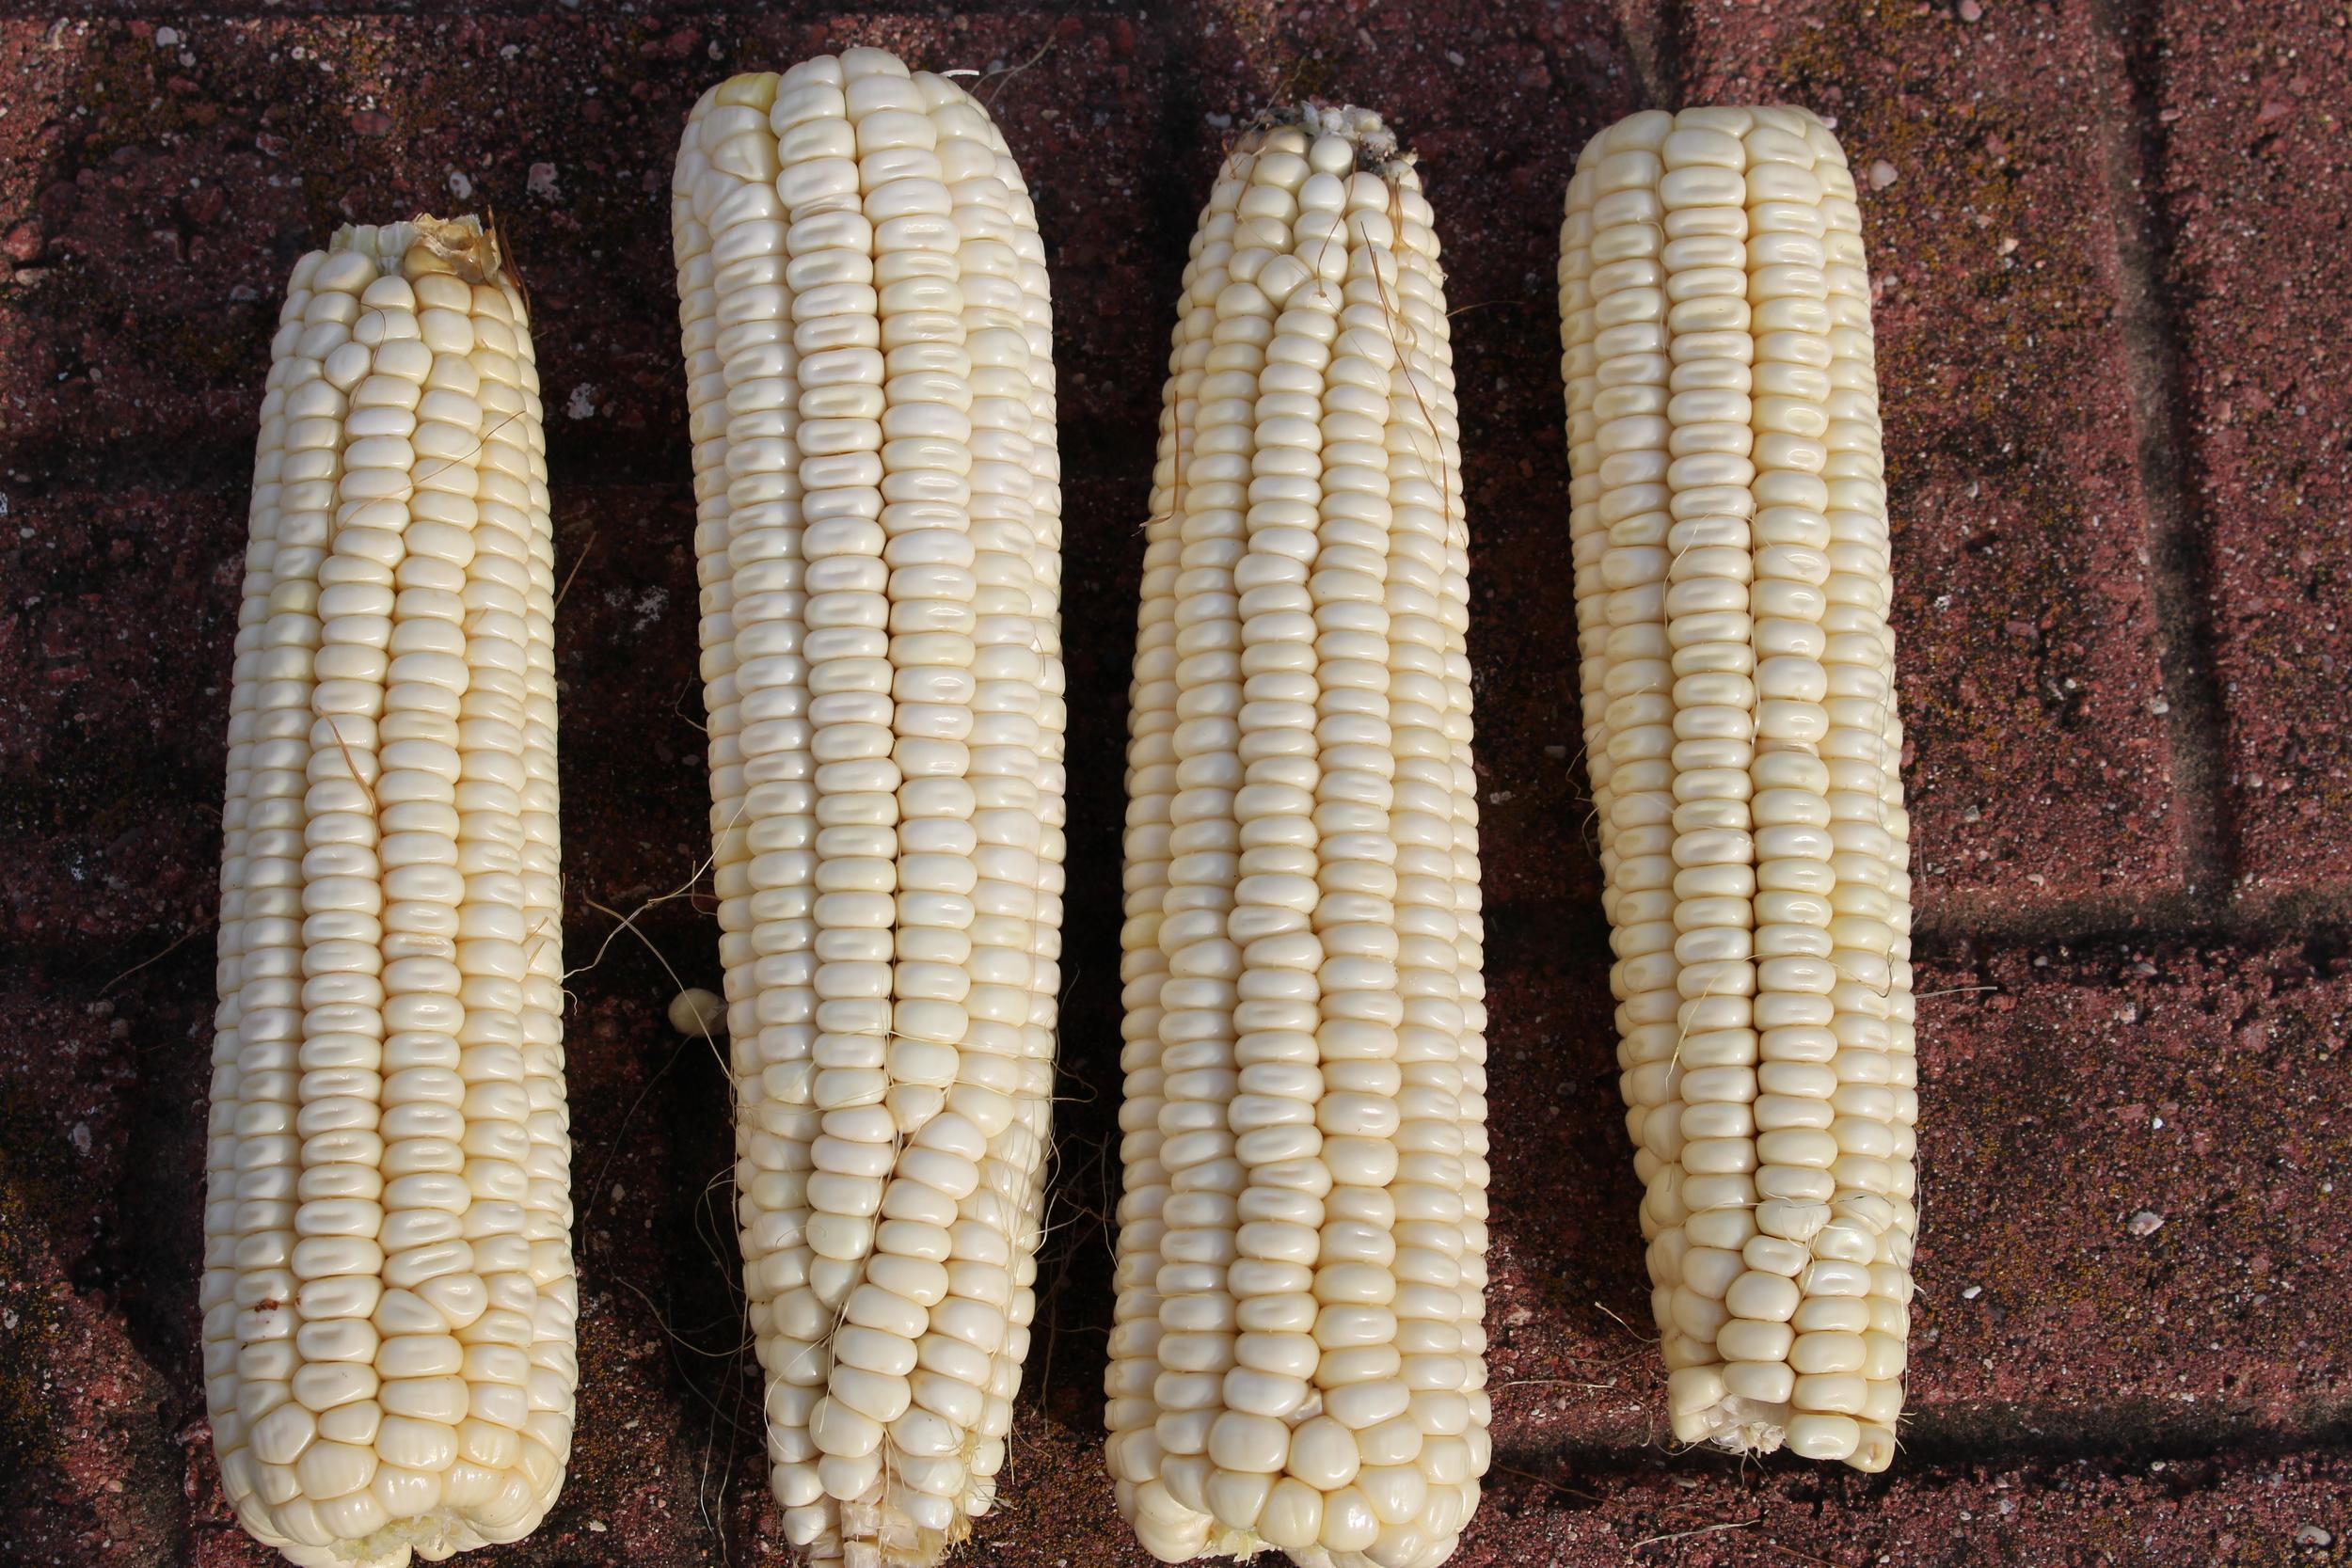 Niles White Corn